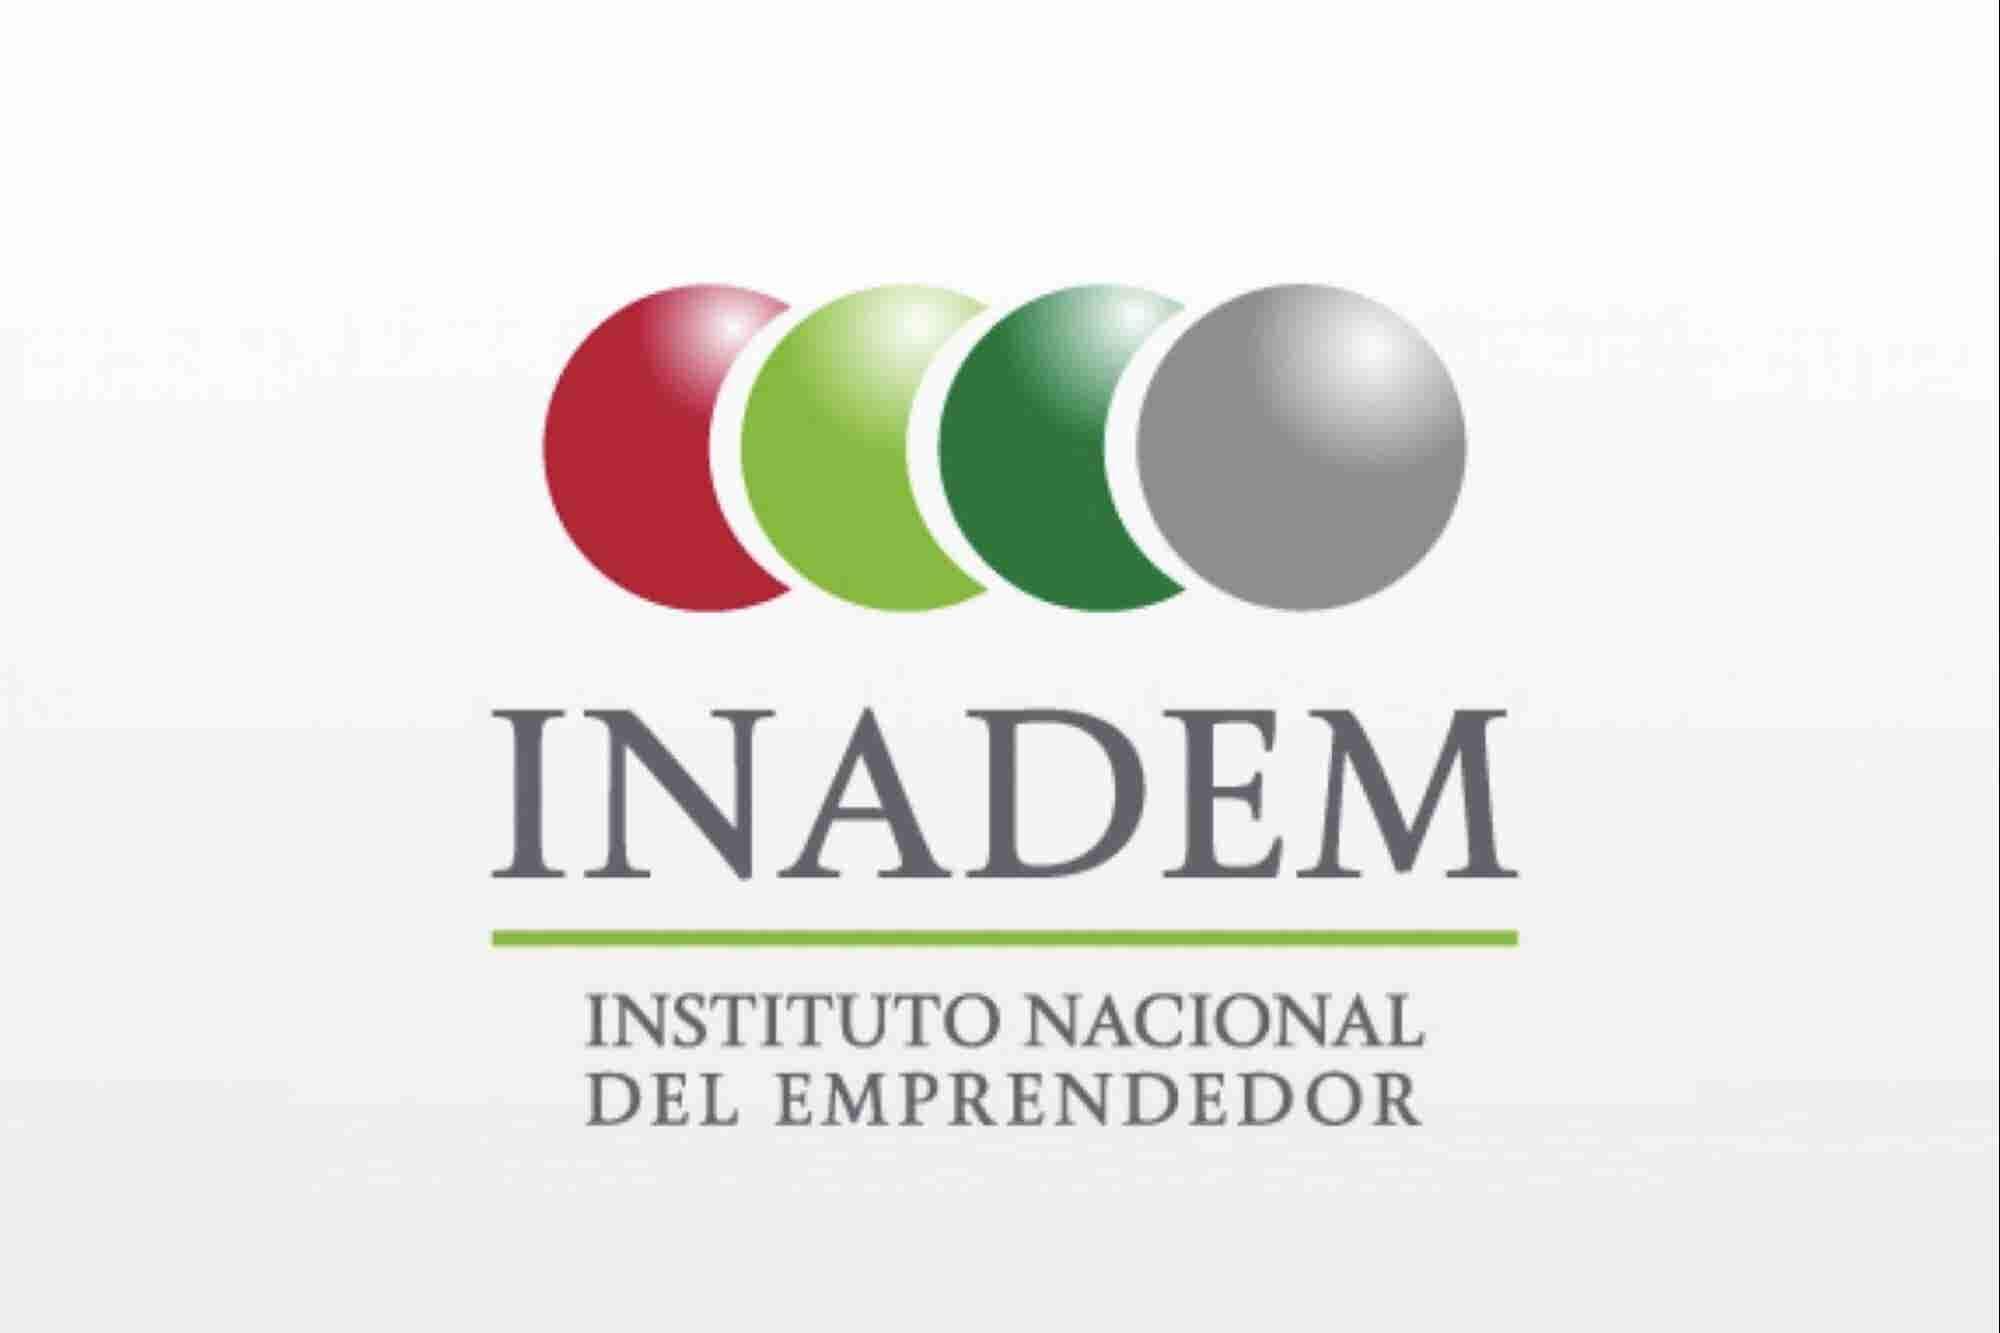 El Inadem sí desaparece: diputados de Morena